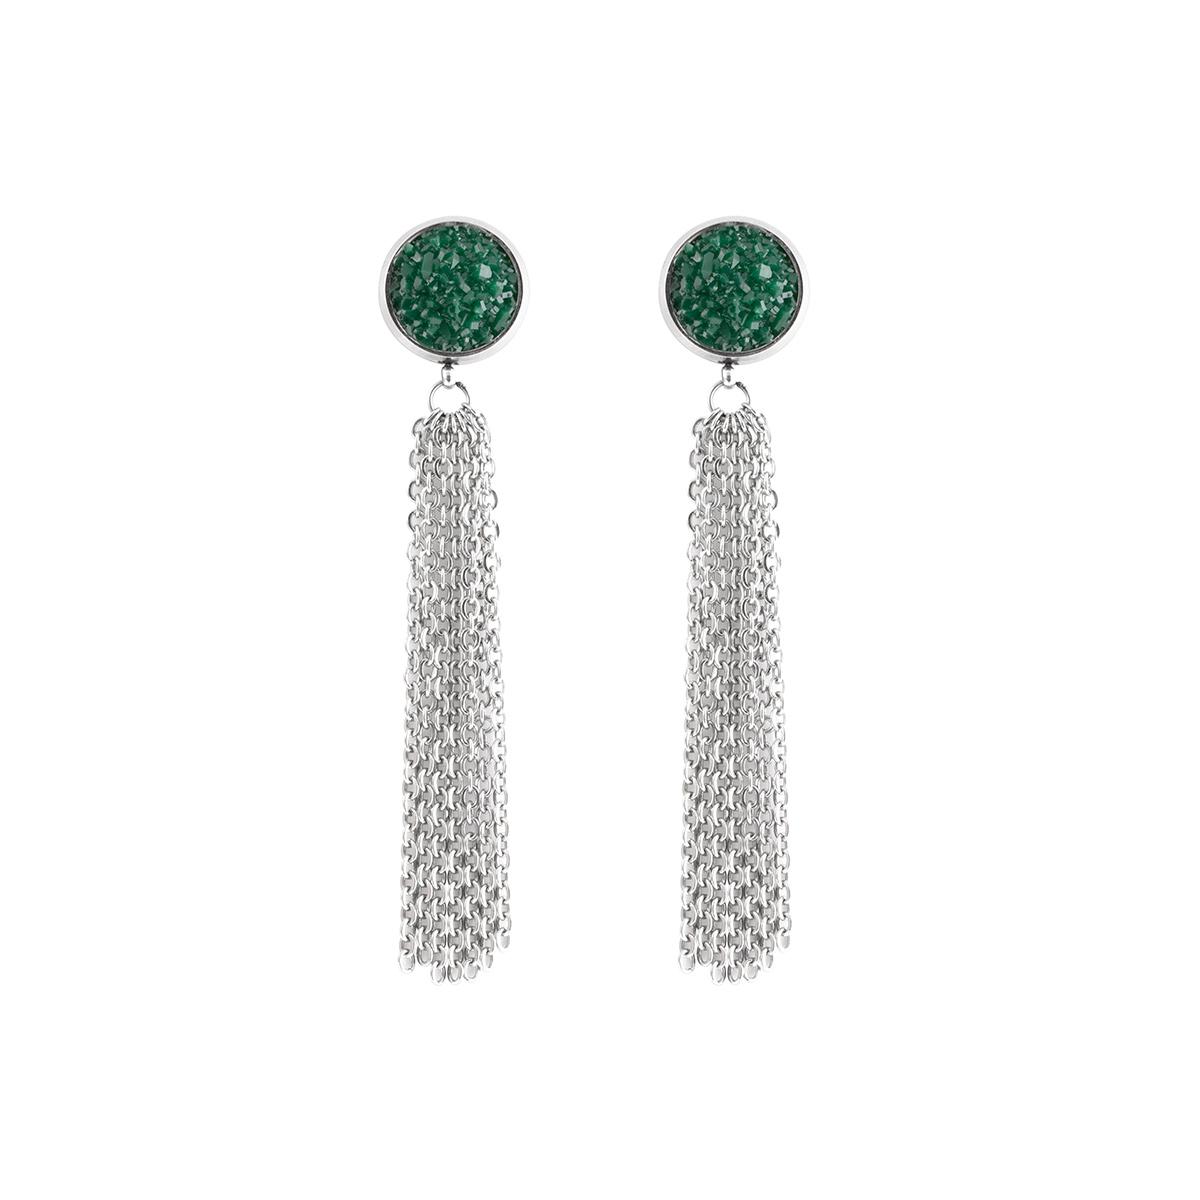 Binx_Earrings